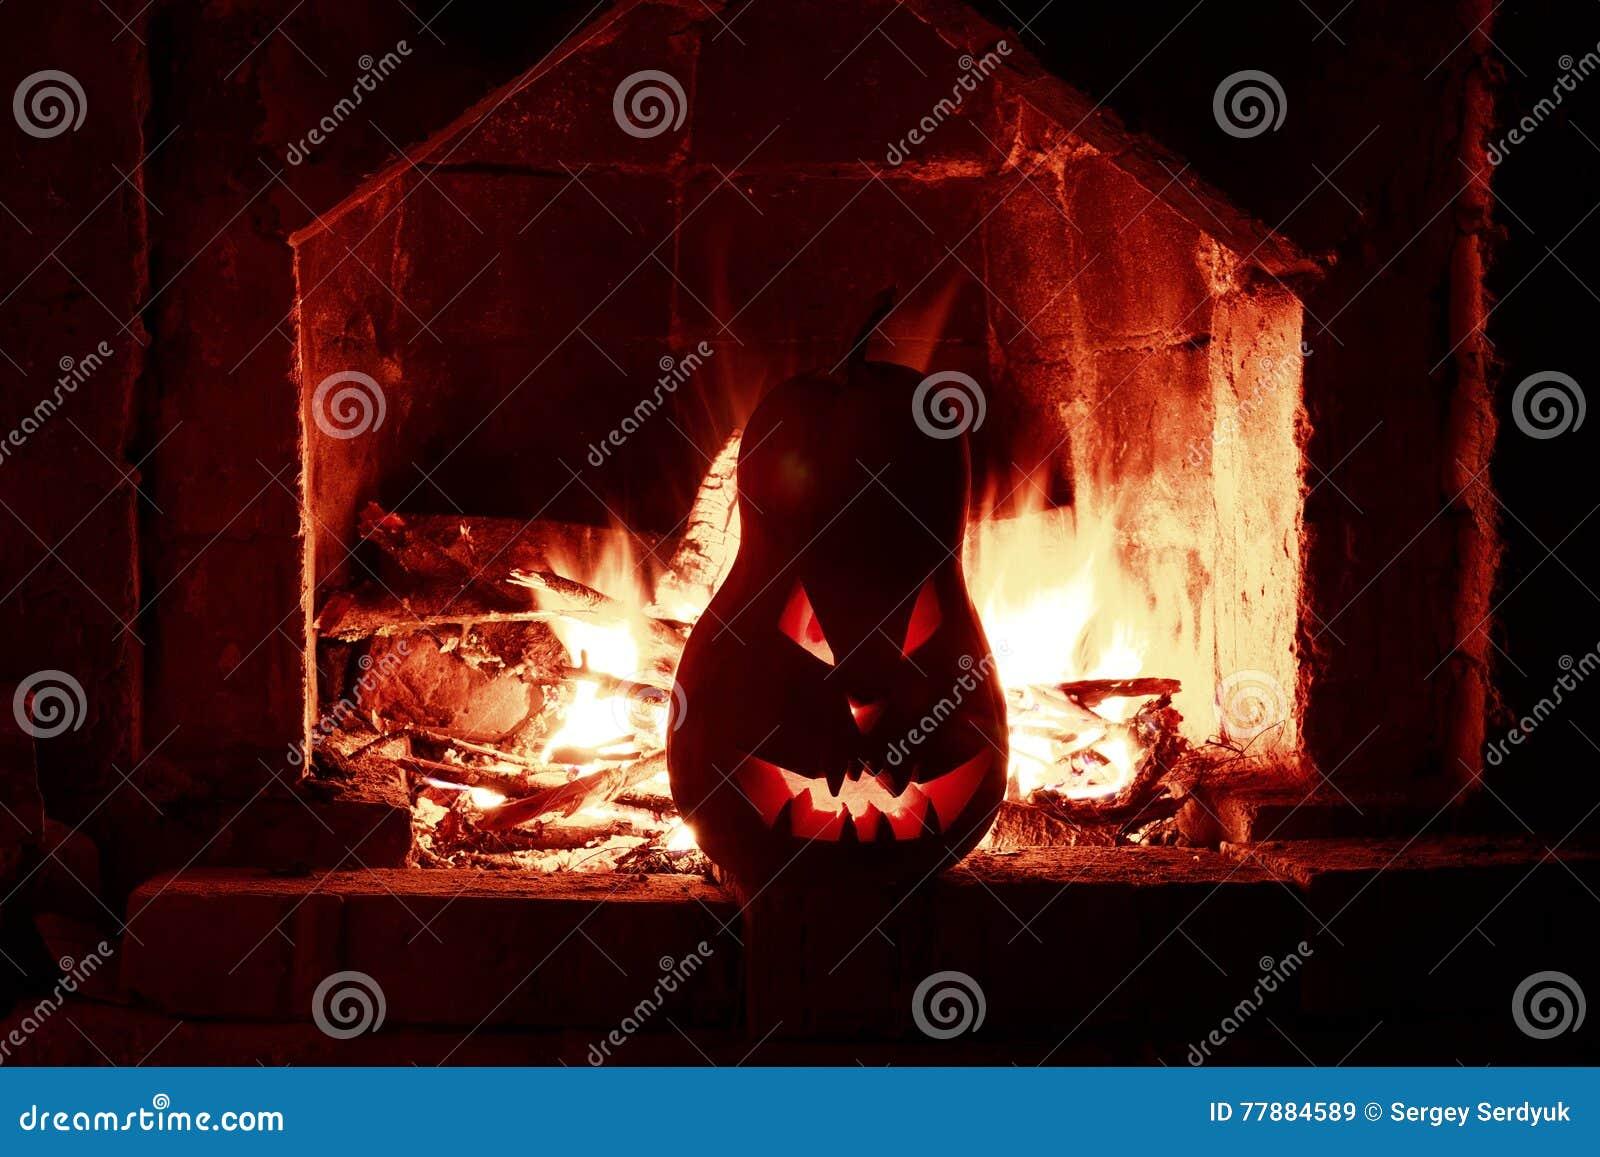 Zucche Di Halloween Terrificanti.Camino Terrificante Della Zucca Di Halloween Con Fuoco Isolato Nel